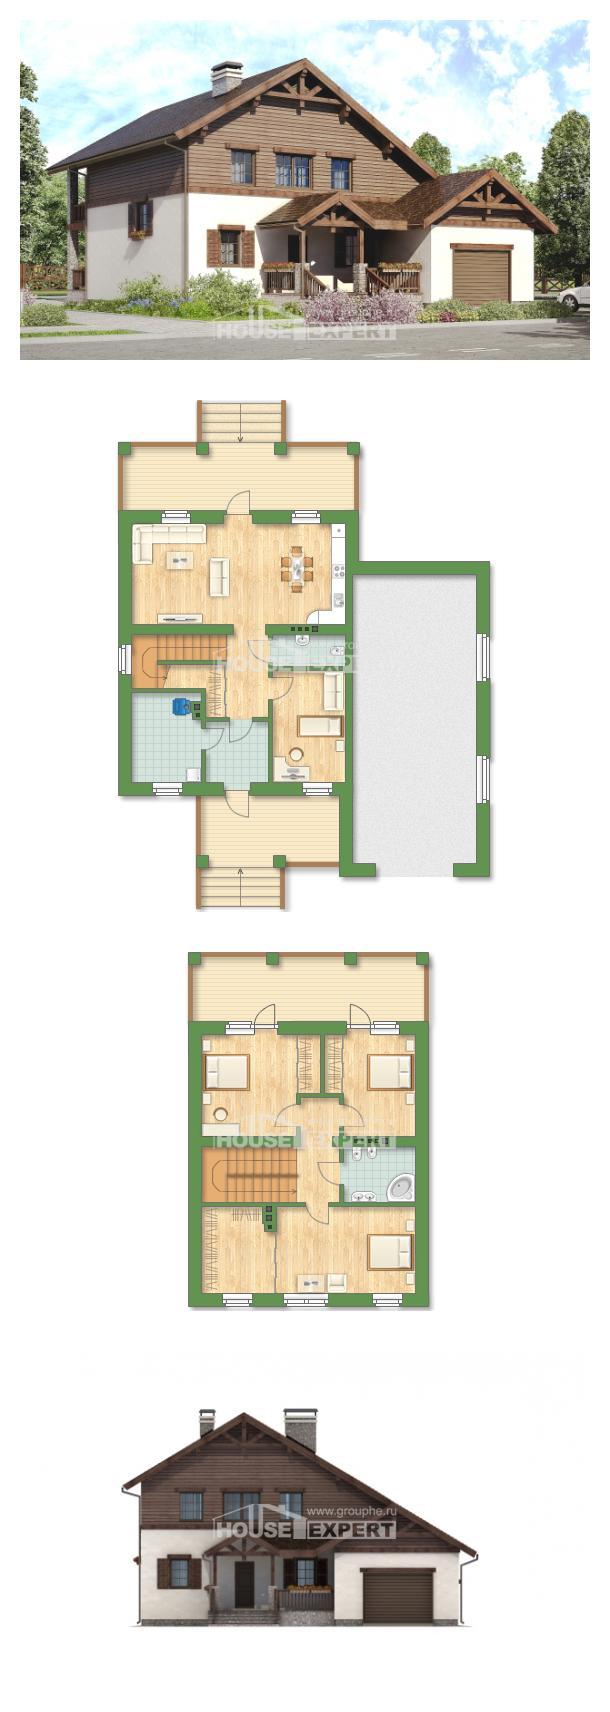 Проект дома 200-003-П | House Expert